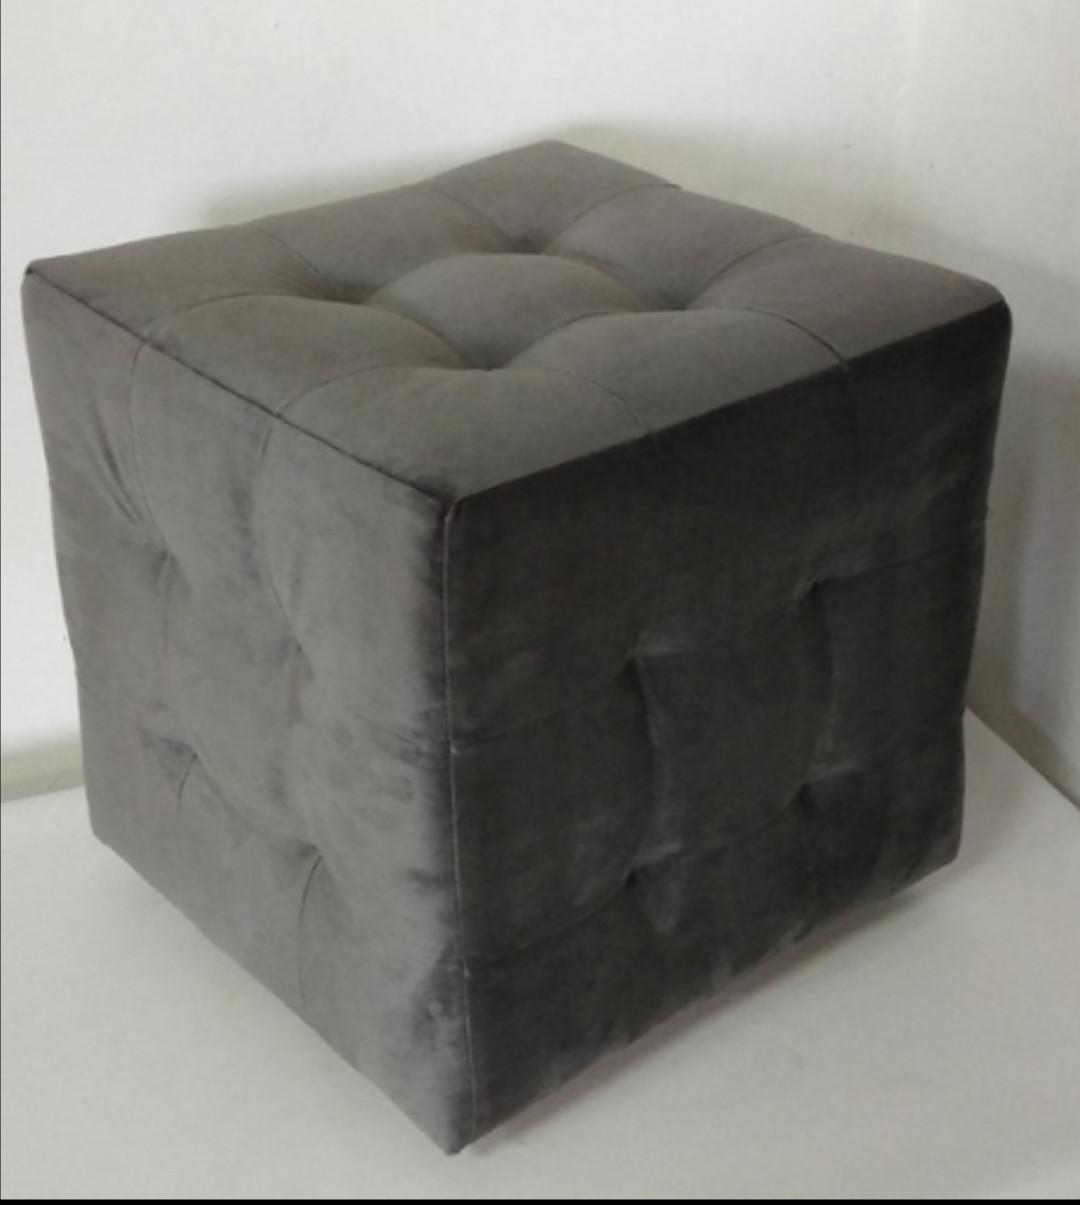 Пуф квадратний Токіо 40х40х42см.,пуфик,пуфики,пуфік тканина,пуф тканина,банкетка,банкетки,пуф куб,пуфік